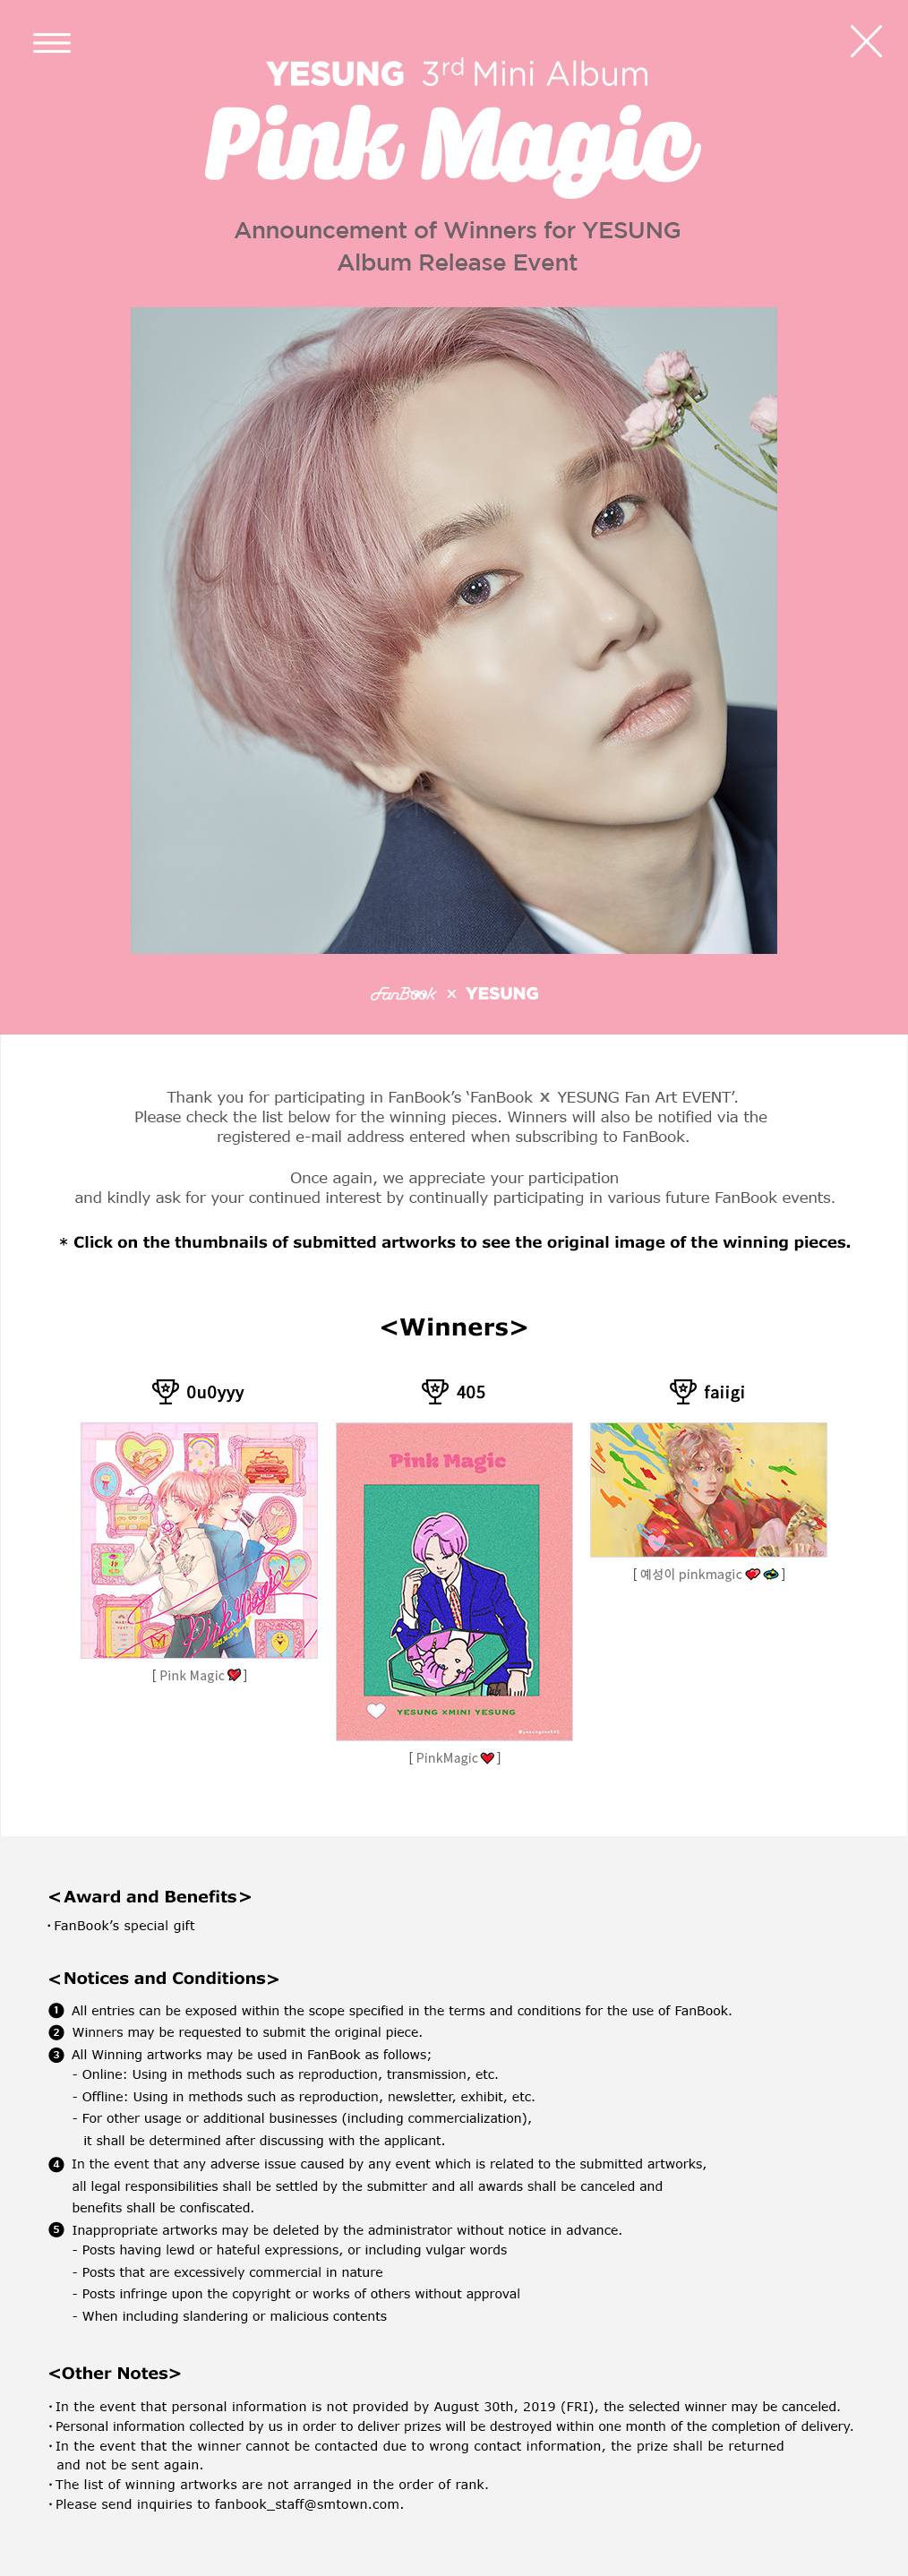 FanBook X YESUNG Fan Art EVENT